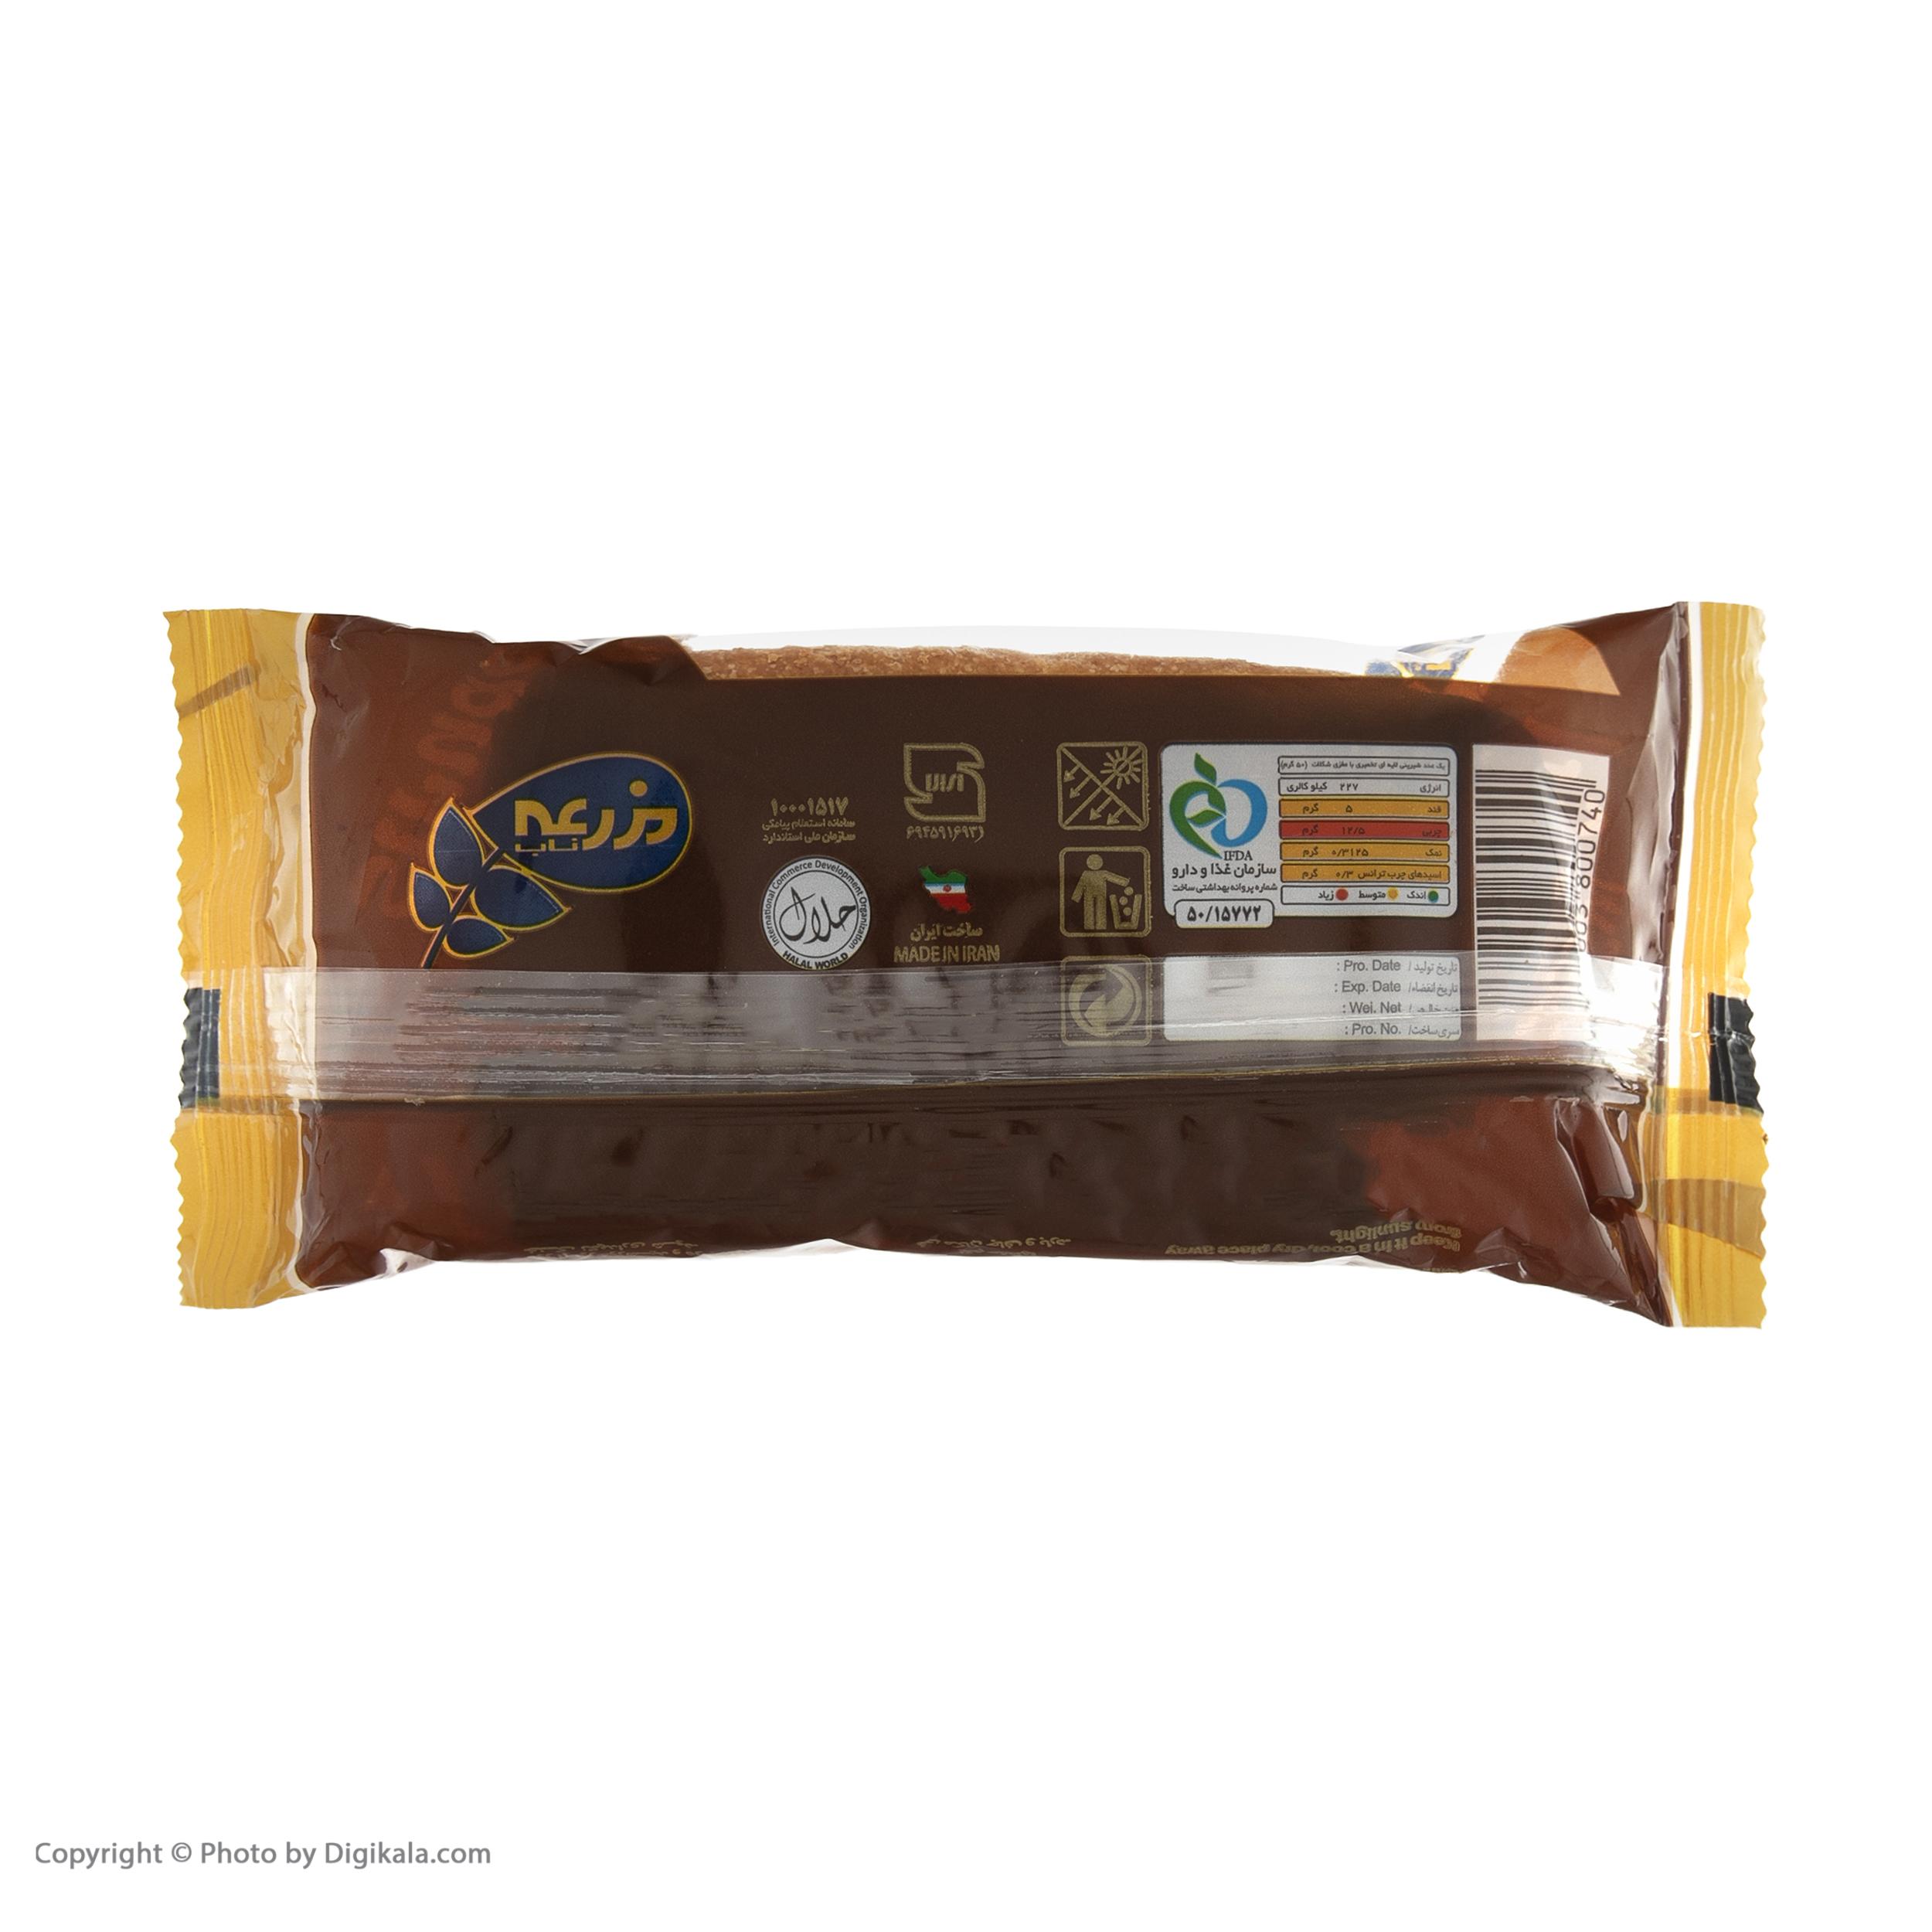 اشترودل مزرعه ناب با طعم شکلاتی - 70 گرم